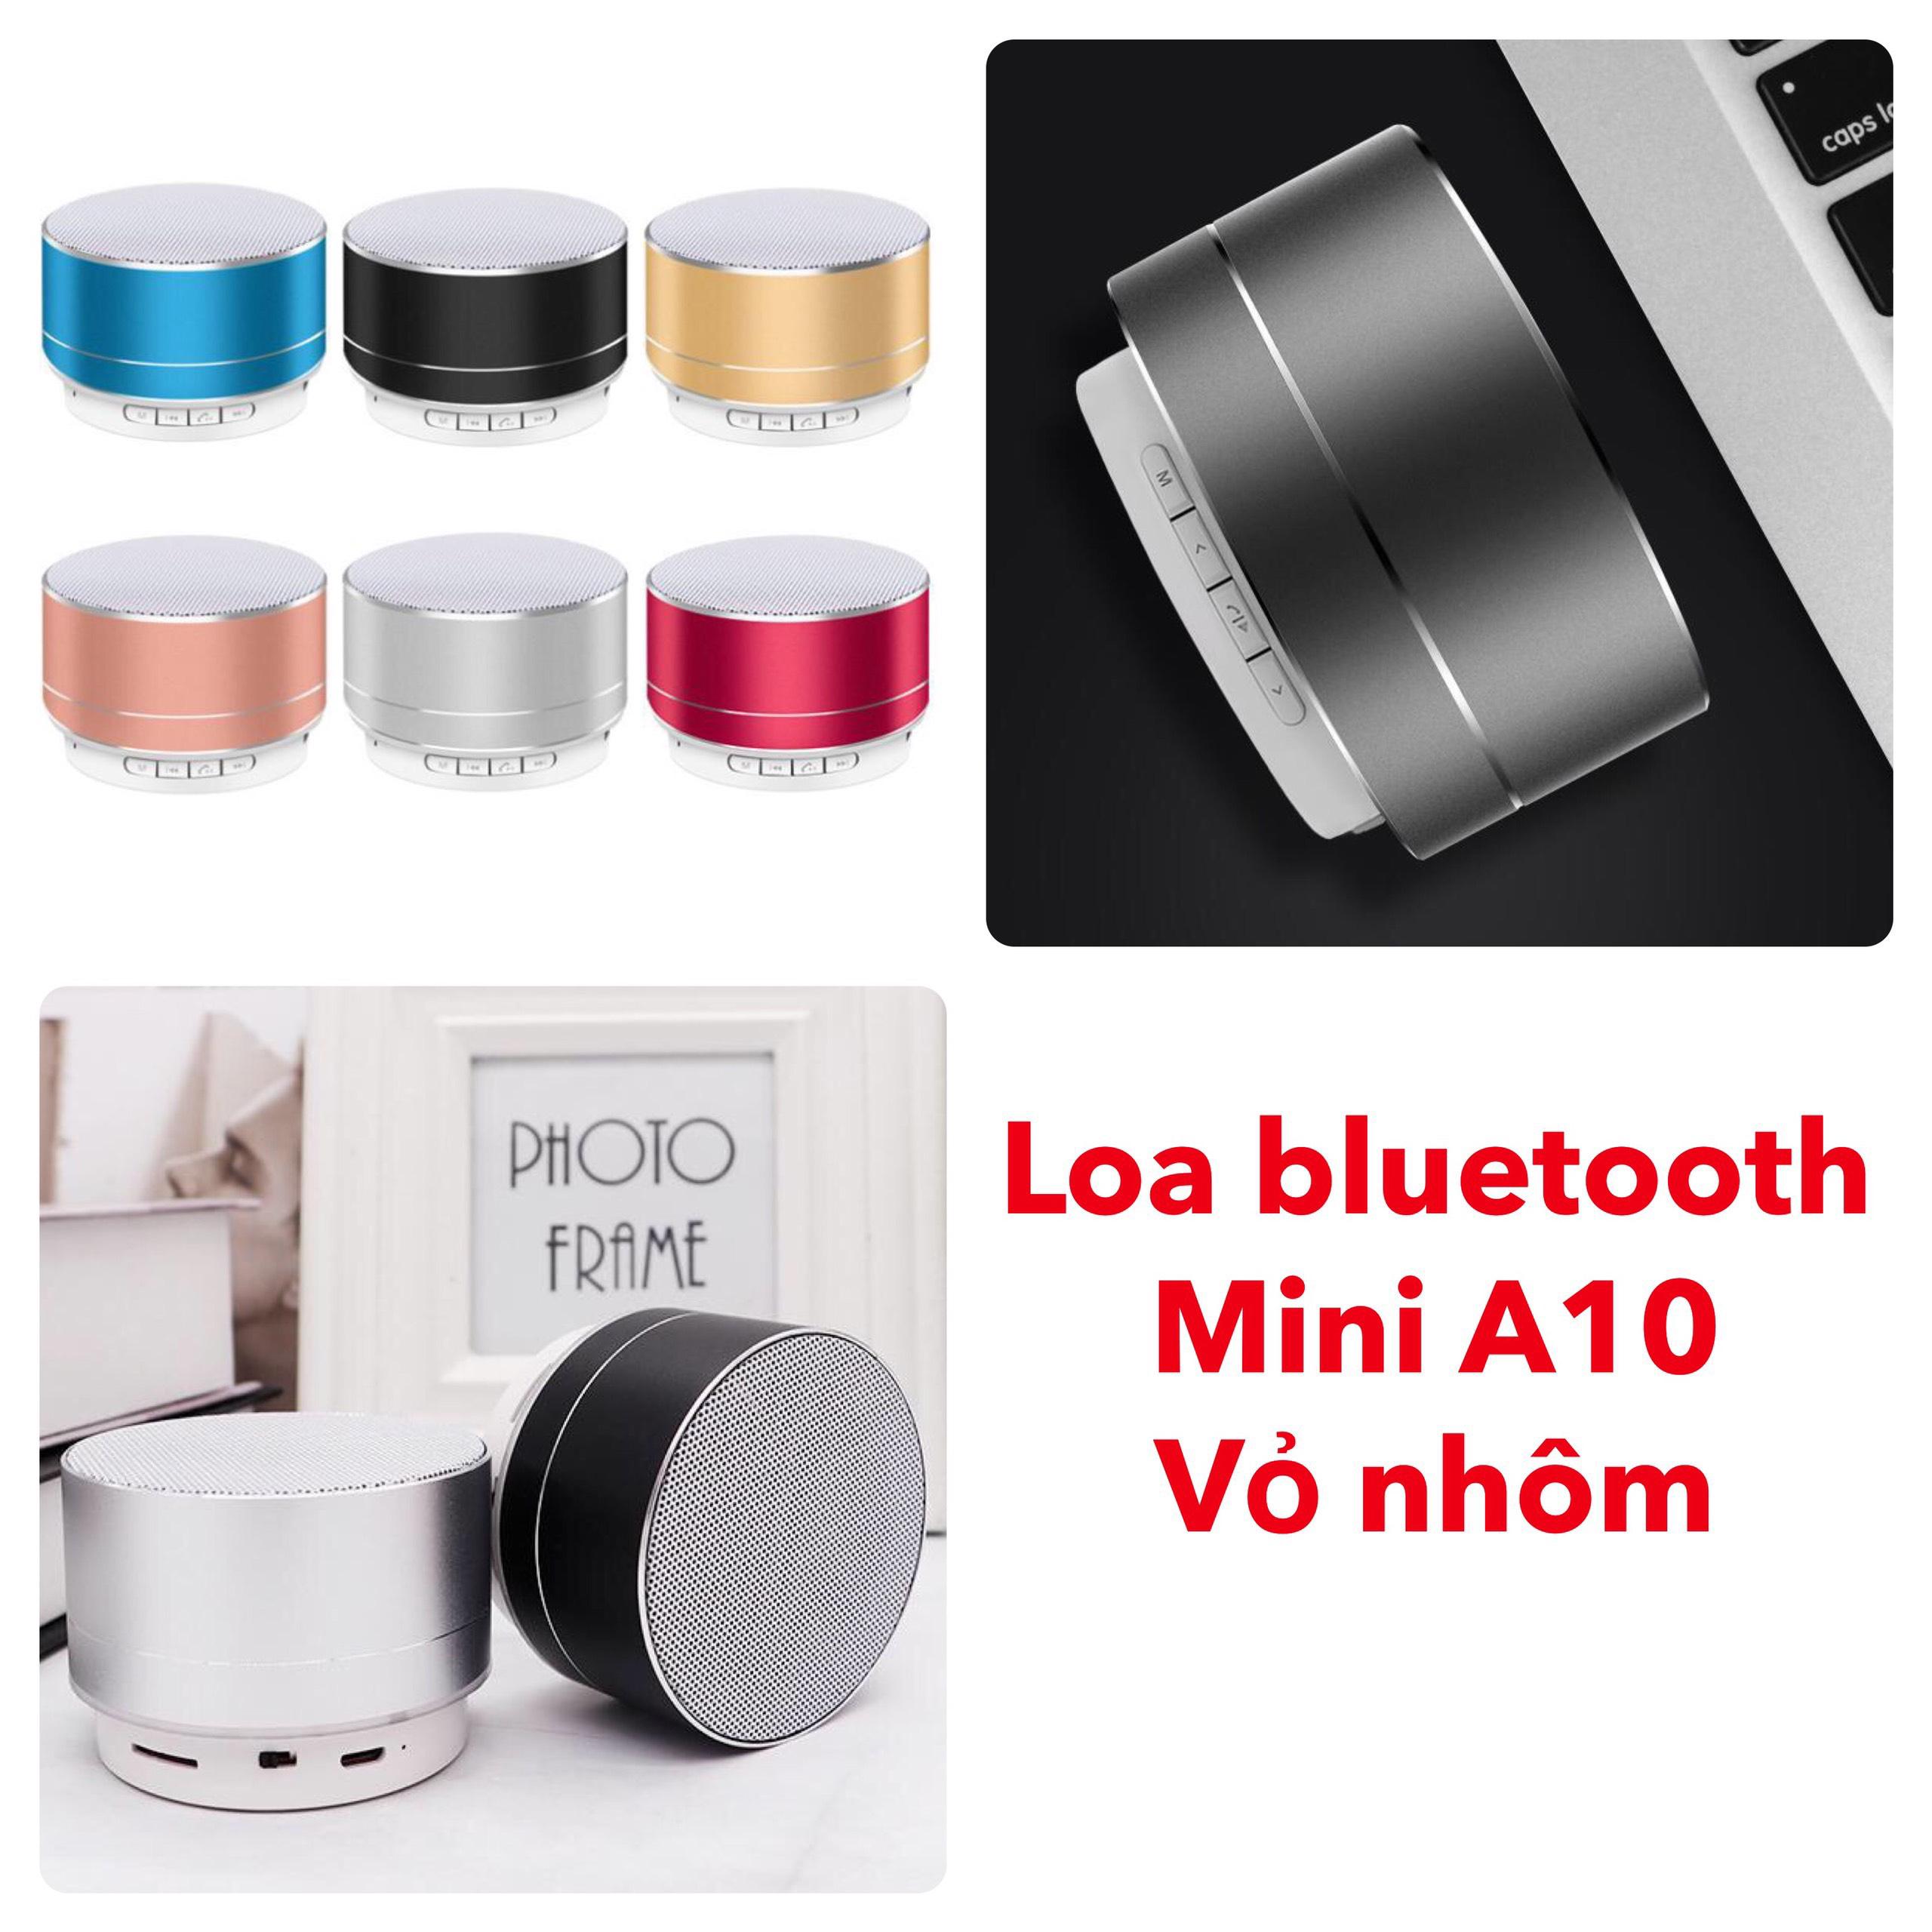 Loa Bluetooth Mini A10 vỏ nhôm